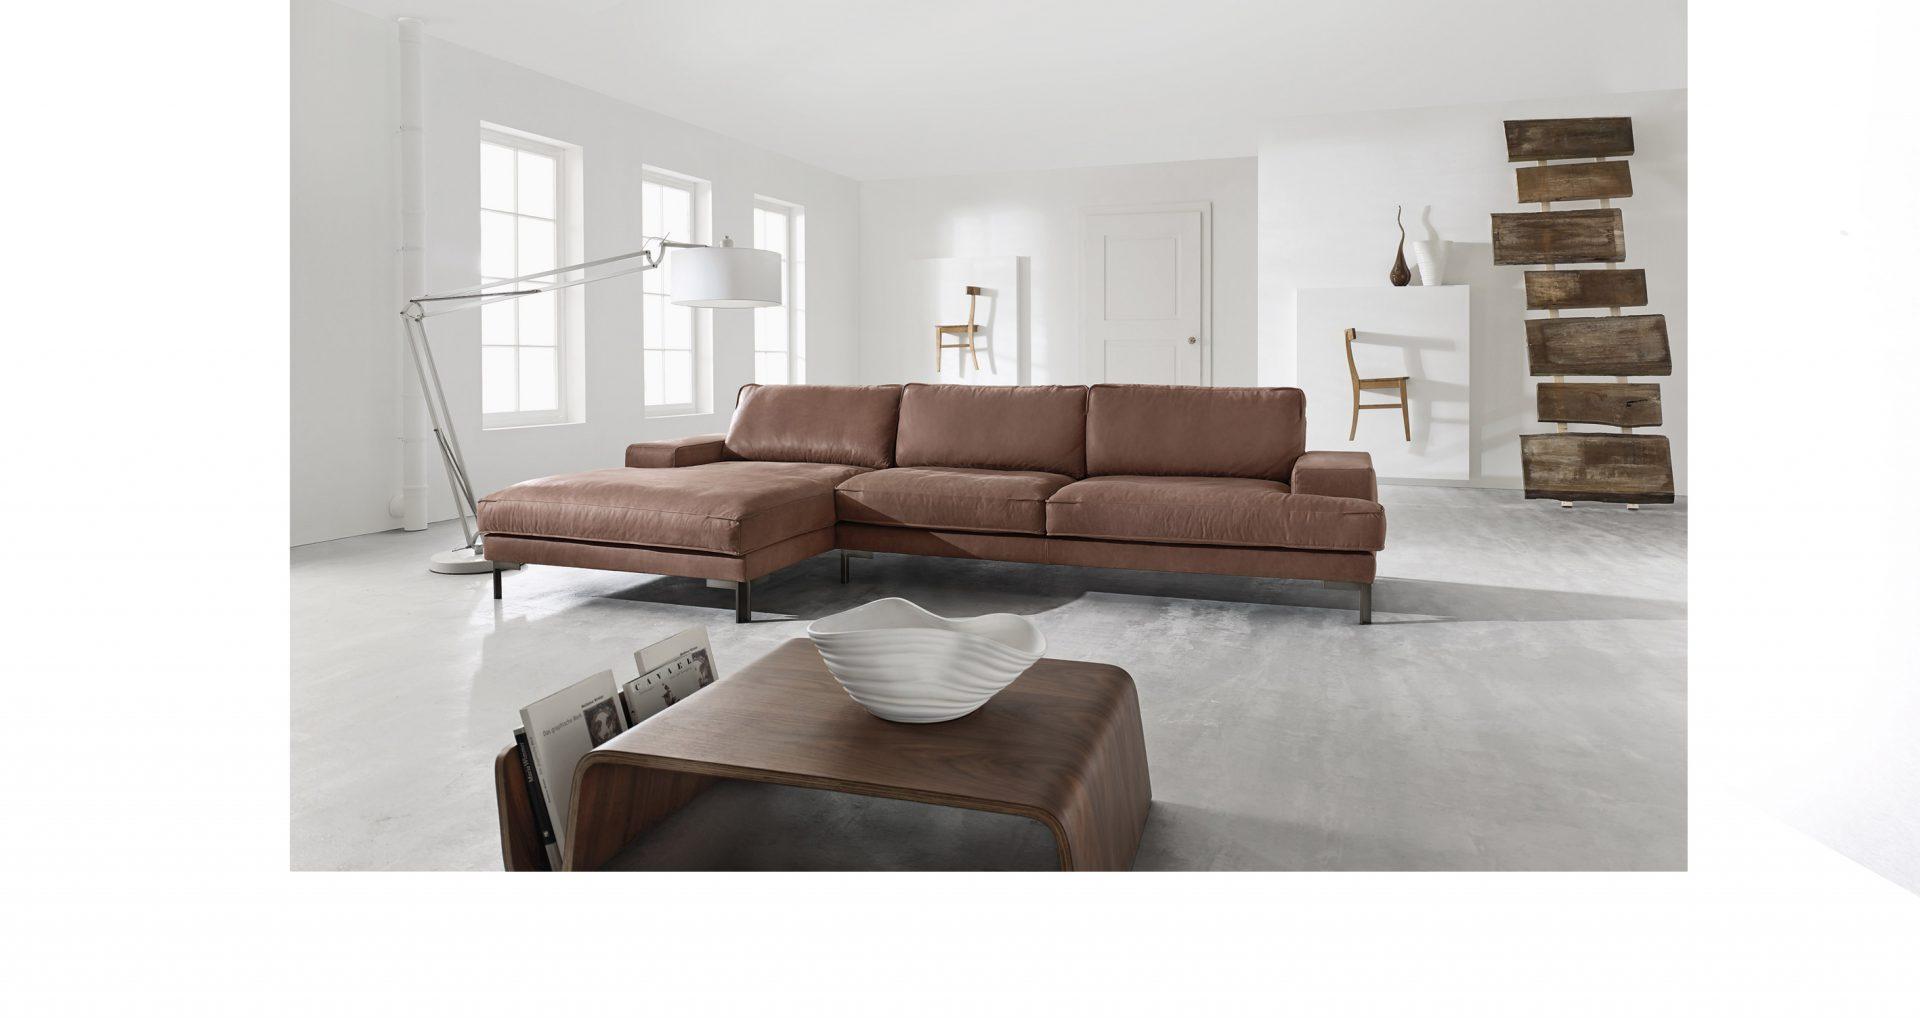 moderne wohnzimmerm bel designerm bel f r ihr wohnzimmer tendenza. Black Bedroom Furniture Sets. Home Design Ideas